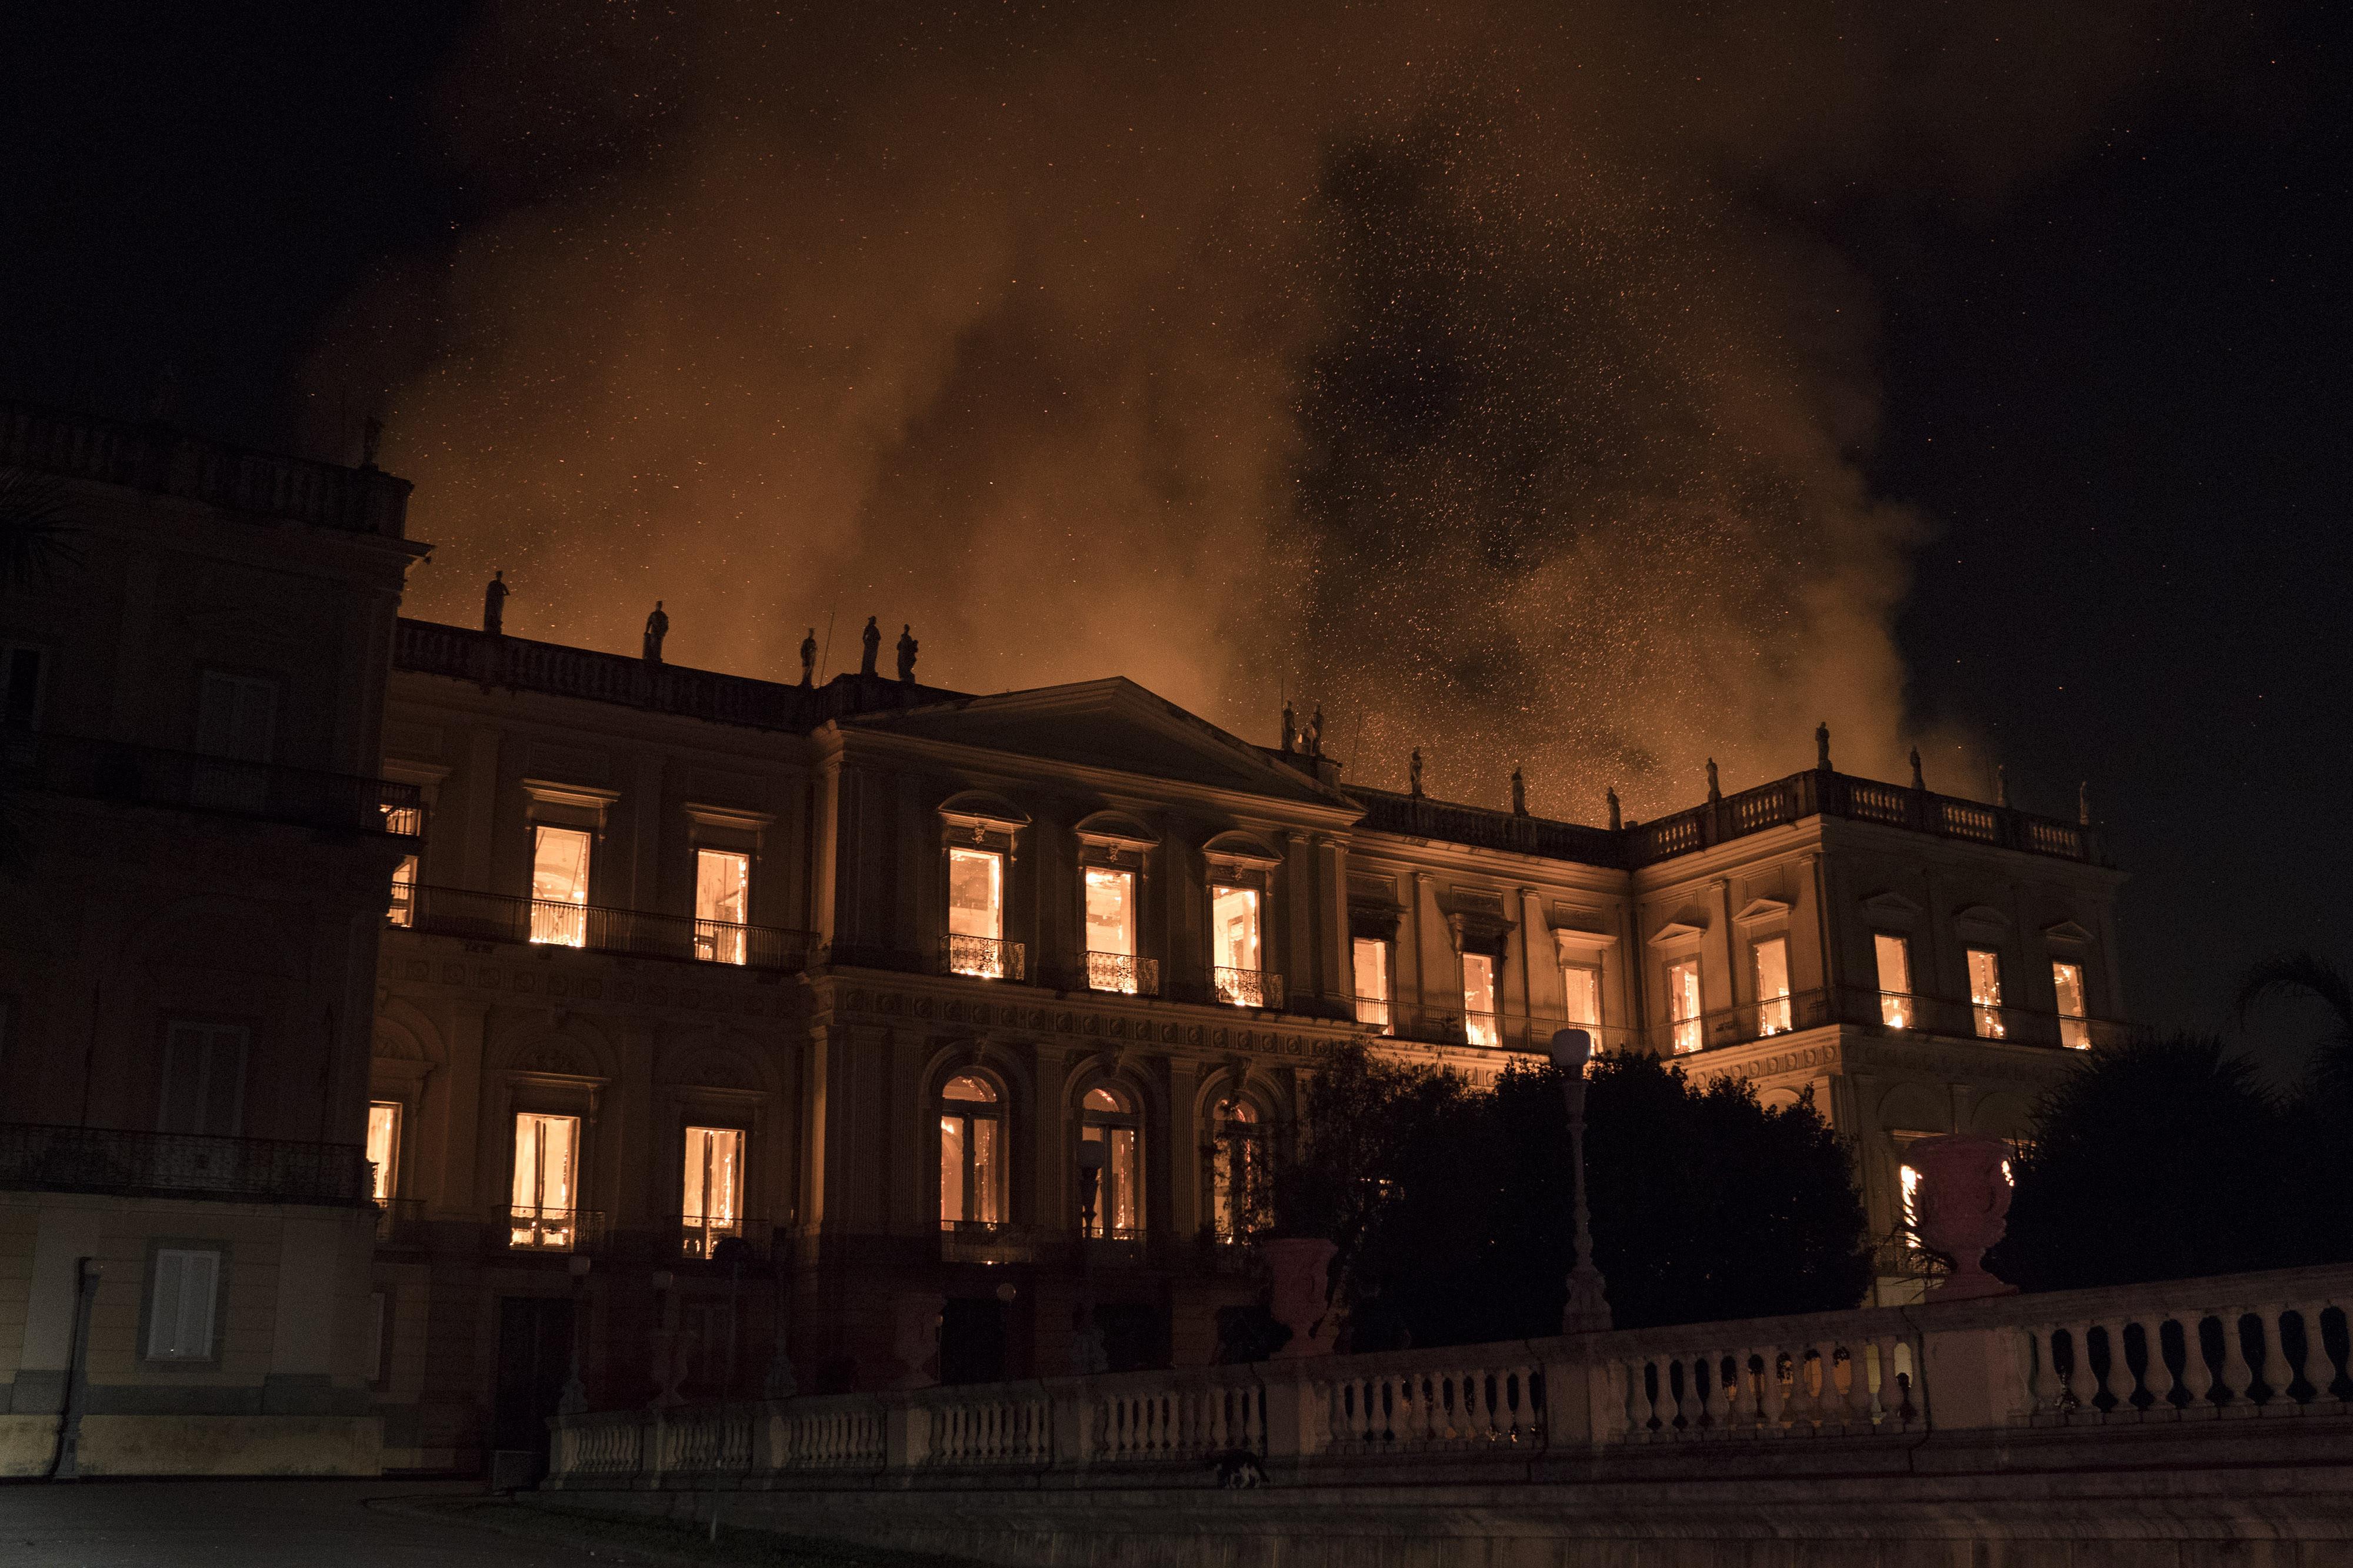 Acuzații dure după ce Muzeul Național din Rio de Janeiro a fost distrus în incendiu